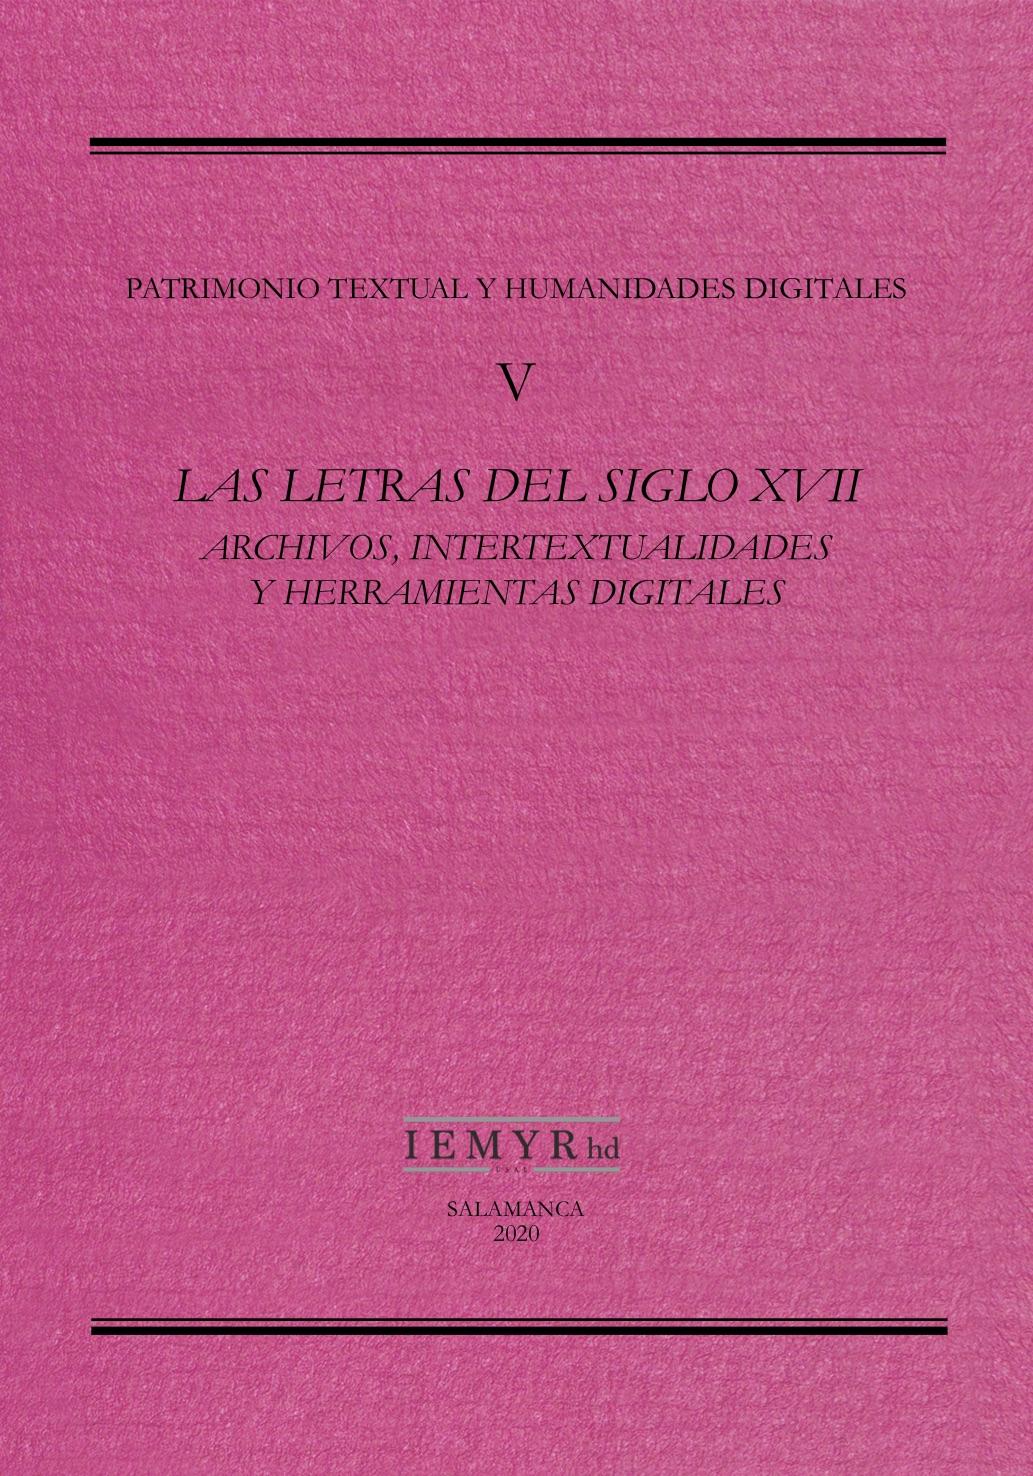 V – LAS LETRAS DEL SIGLO XVII ARCHIVOS, INTERTEXTUALIDADES Y HERRAMIENTAS DIGITALES